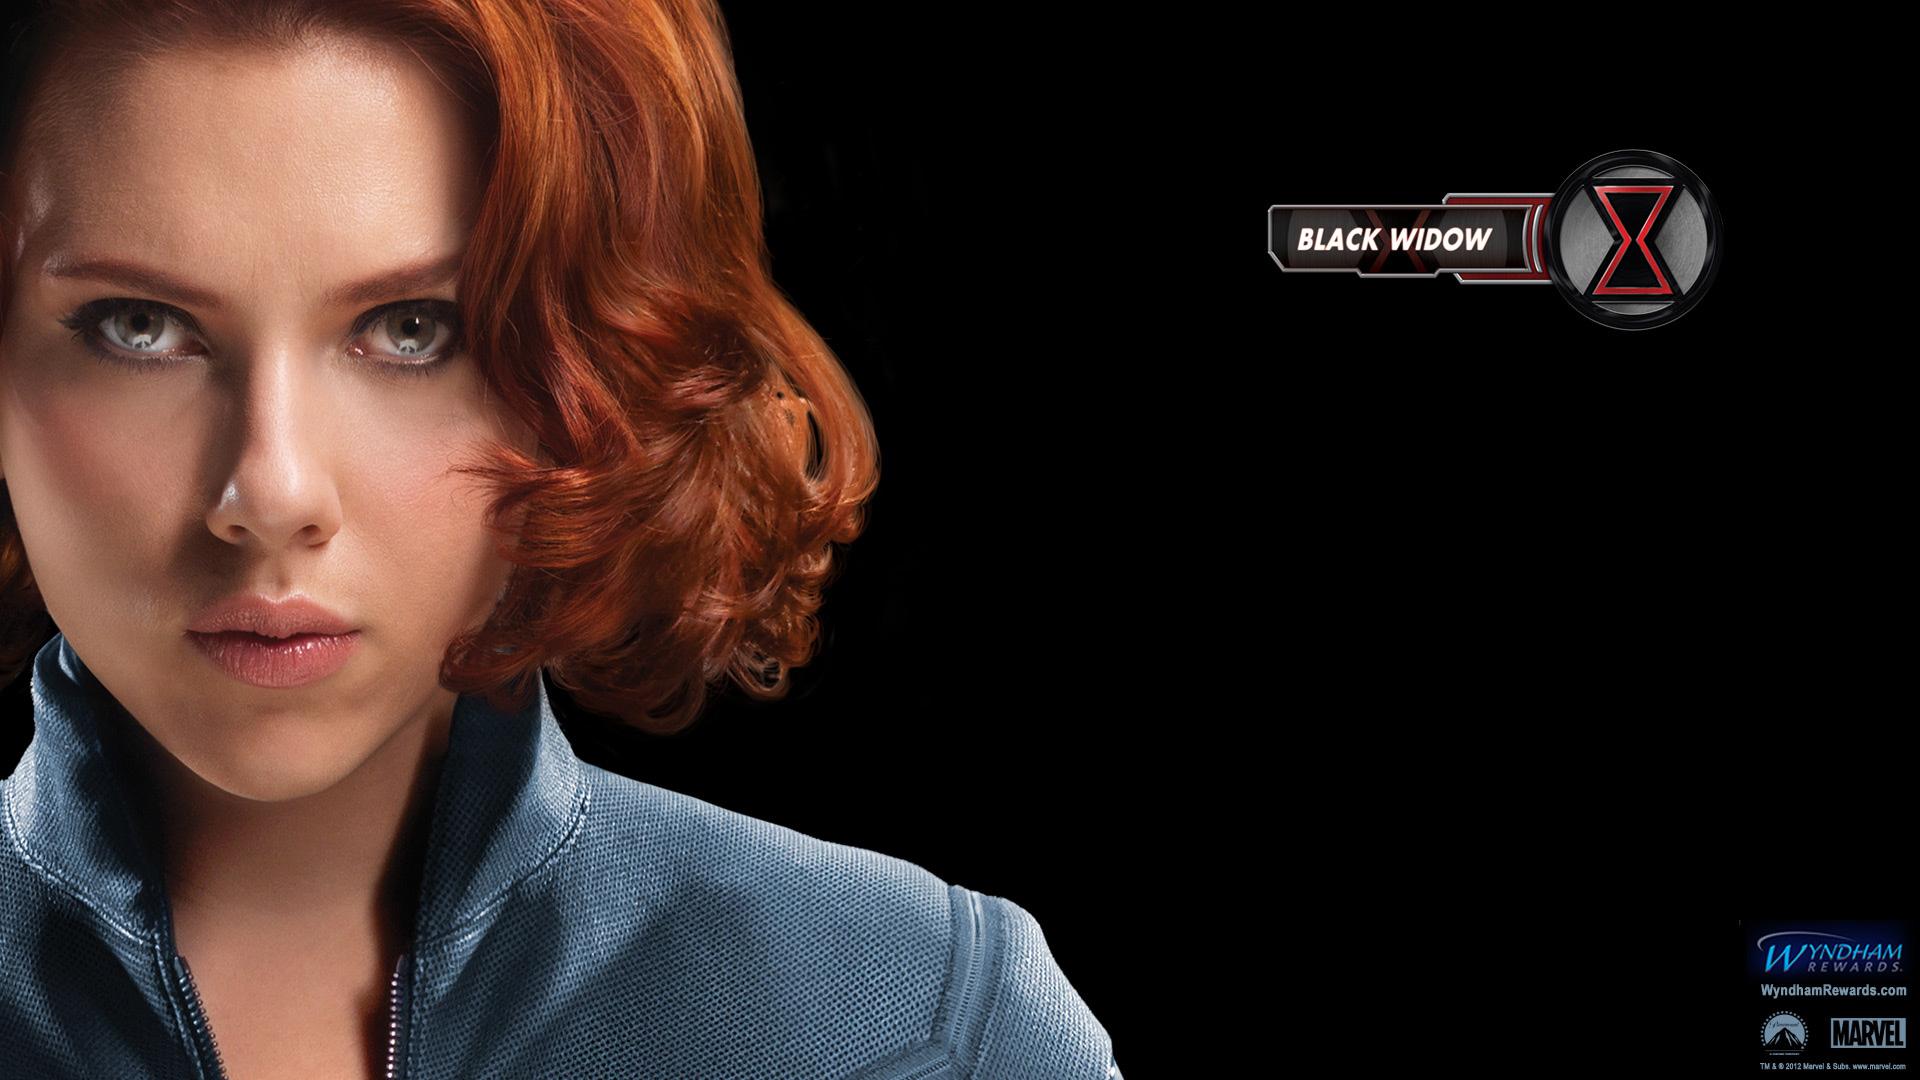 Wallpaper black widow Avengers scarlett johansson